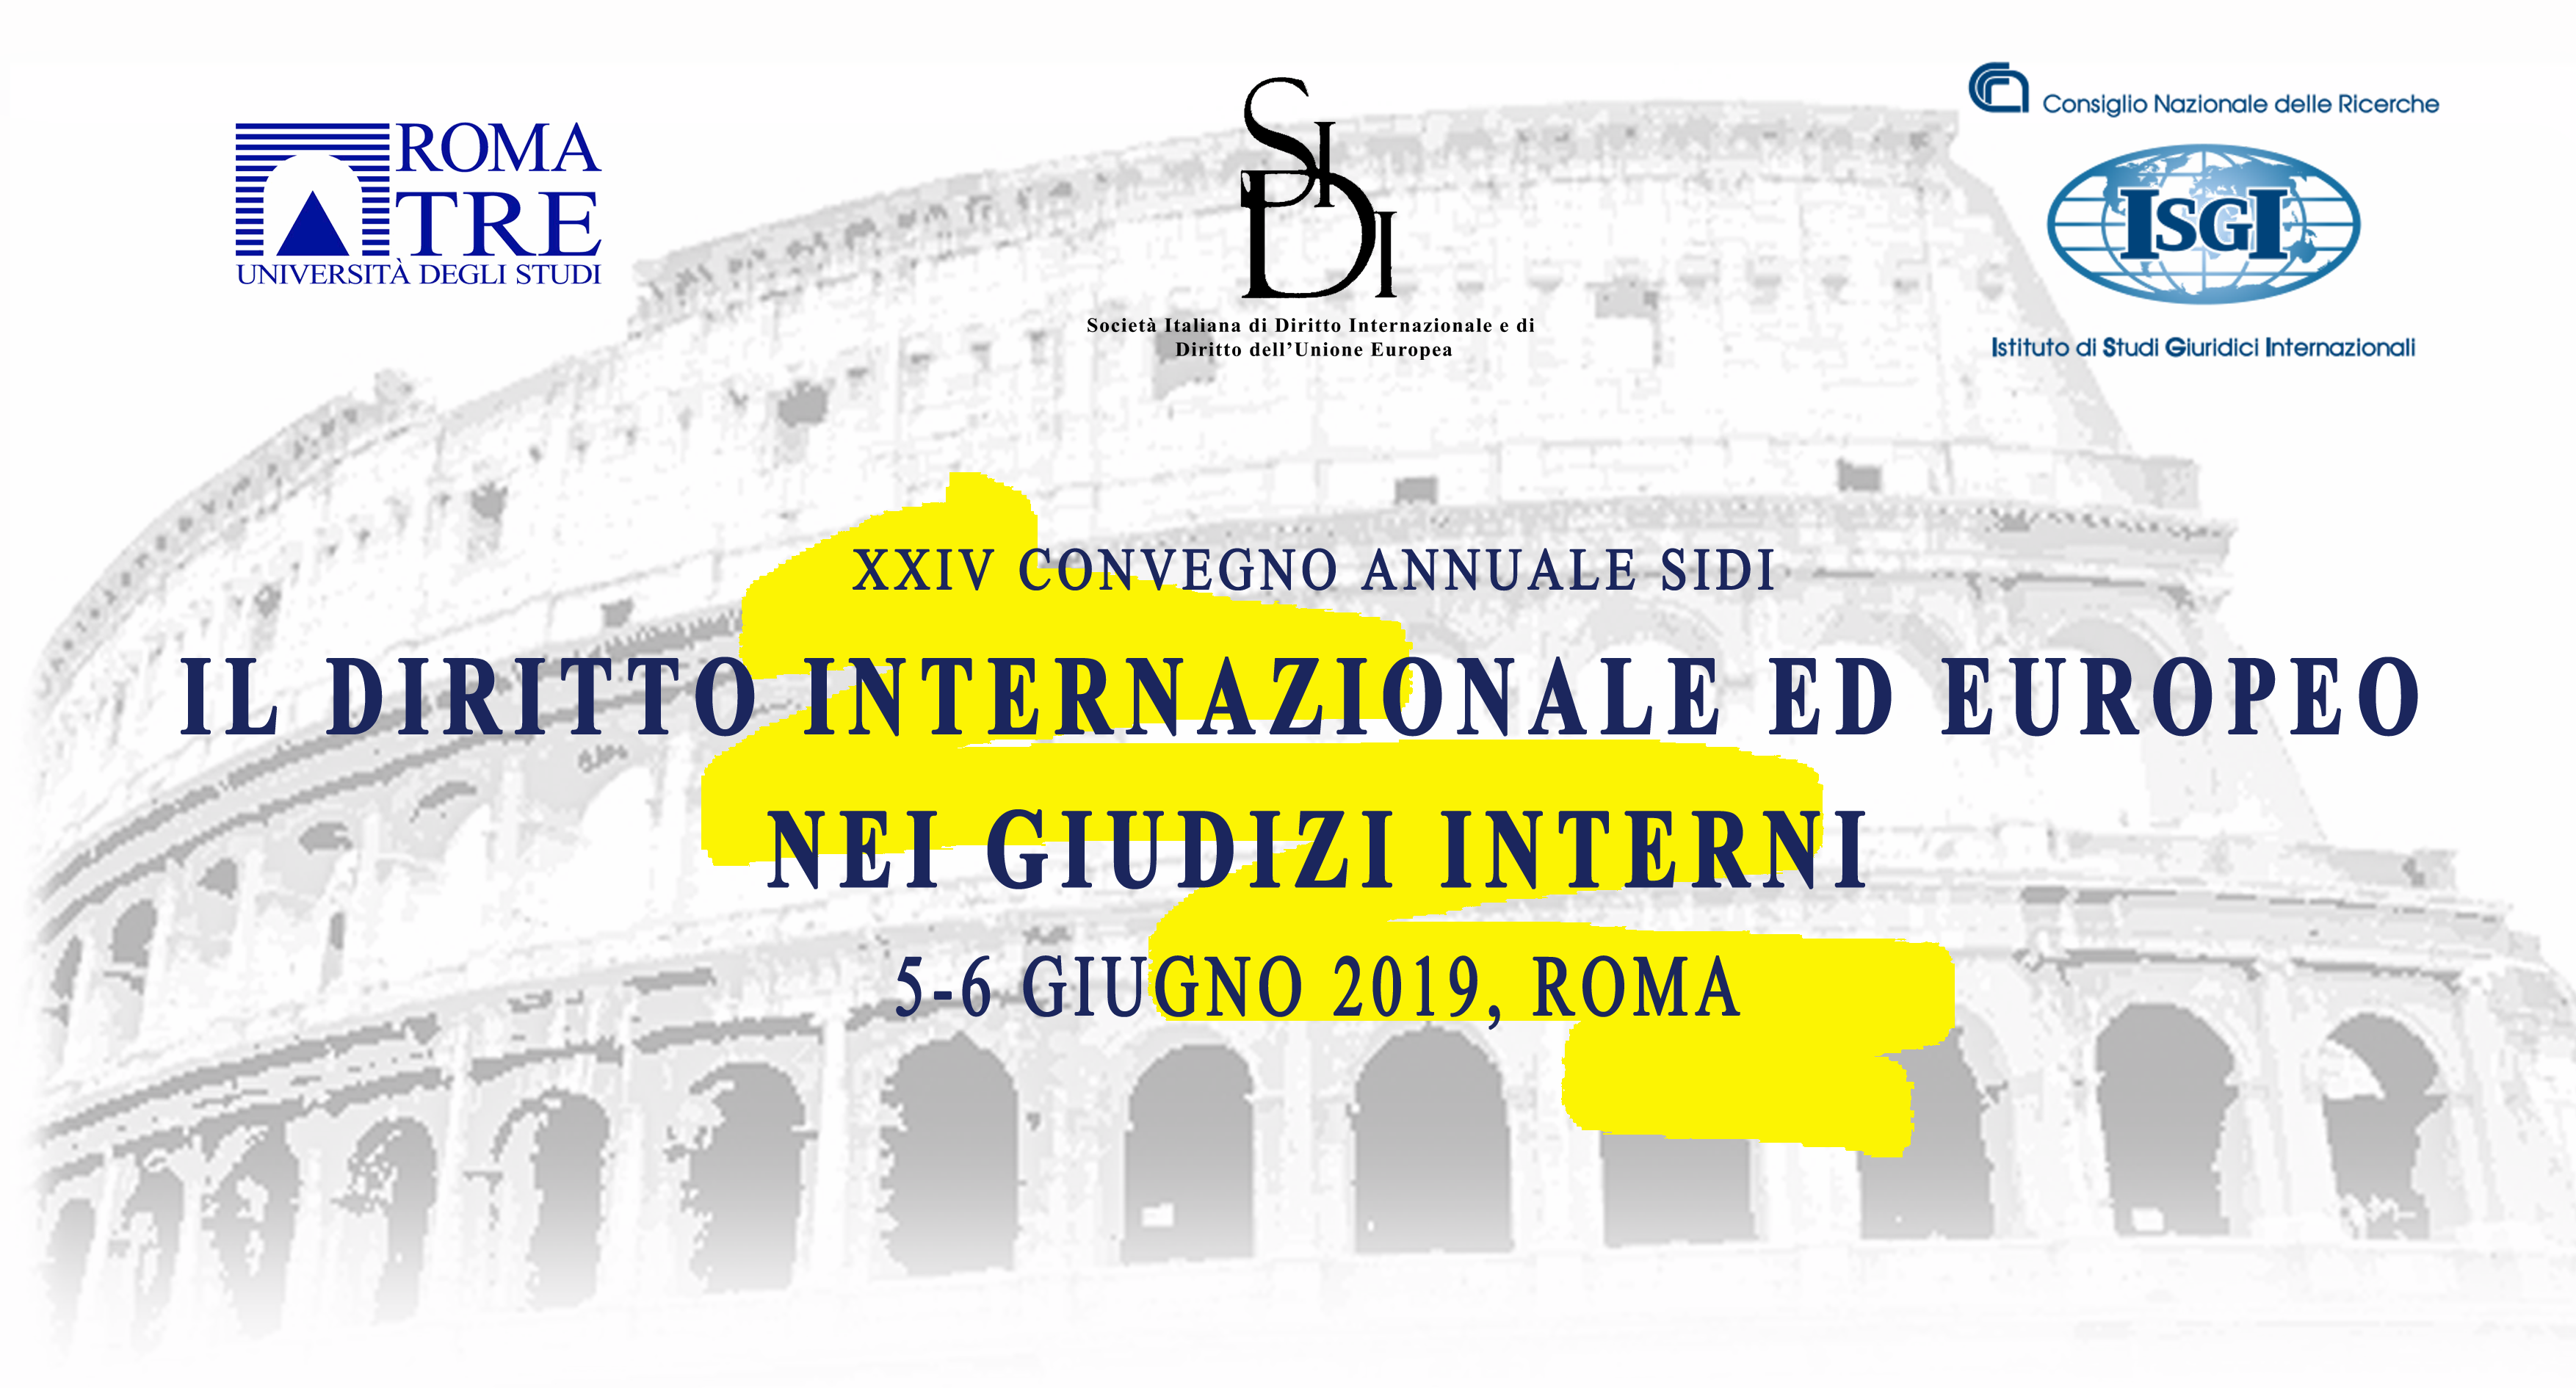 """XXIV Convegno SIDI """"Il diritto internazionale ed europeo nei giudizi interni"""" 5-6 giugno 2019 Roma"""